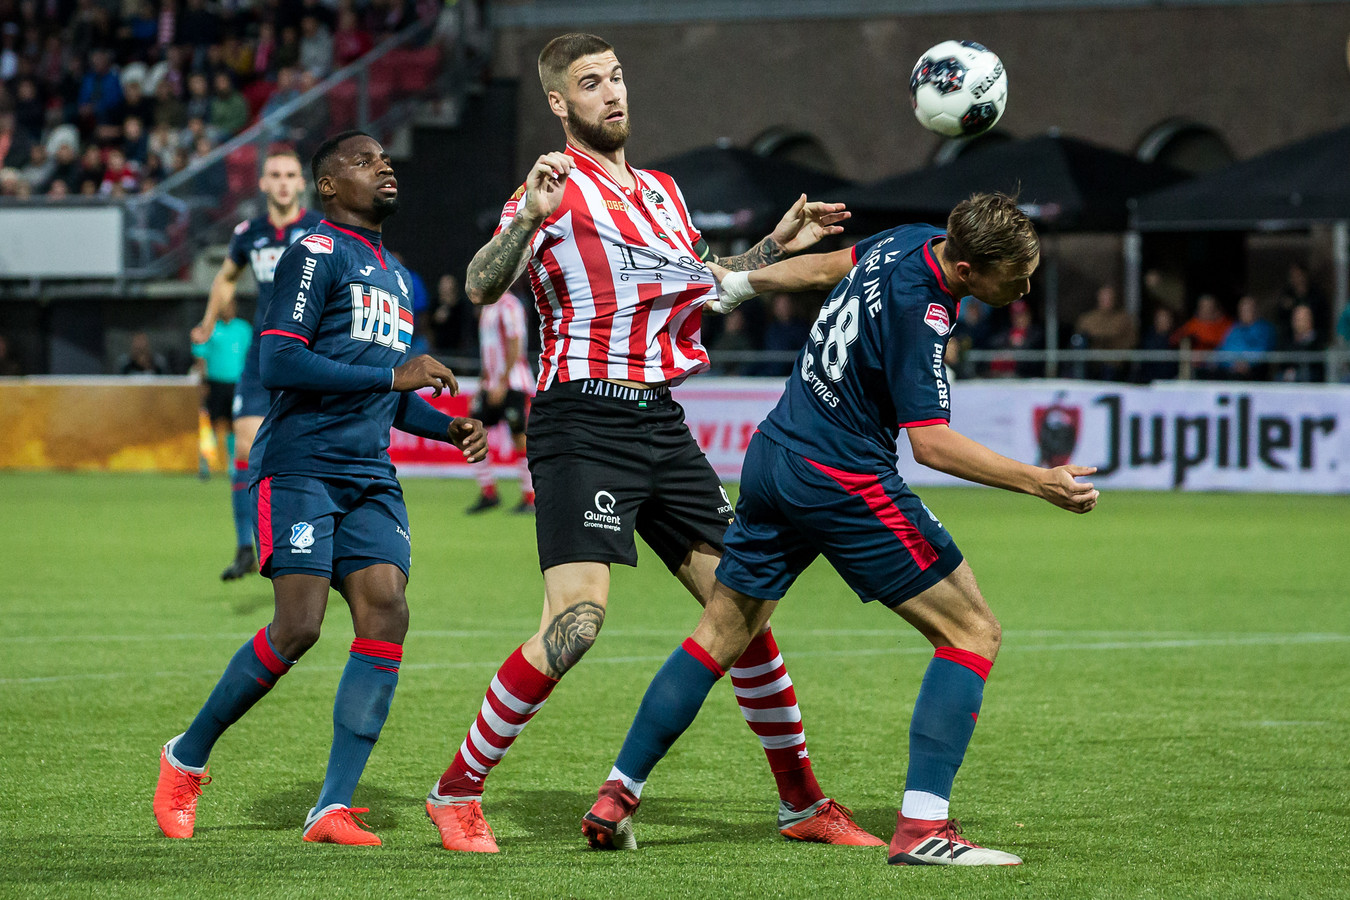 Eindhovenaar Jarno Janssen (r) vocht op Het Kasteel in Rotterdam fysieke duels uit met Sparta-spits Lars Veldwijk.